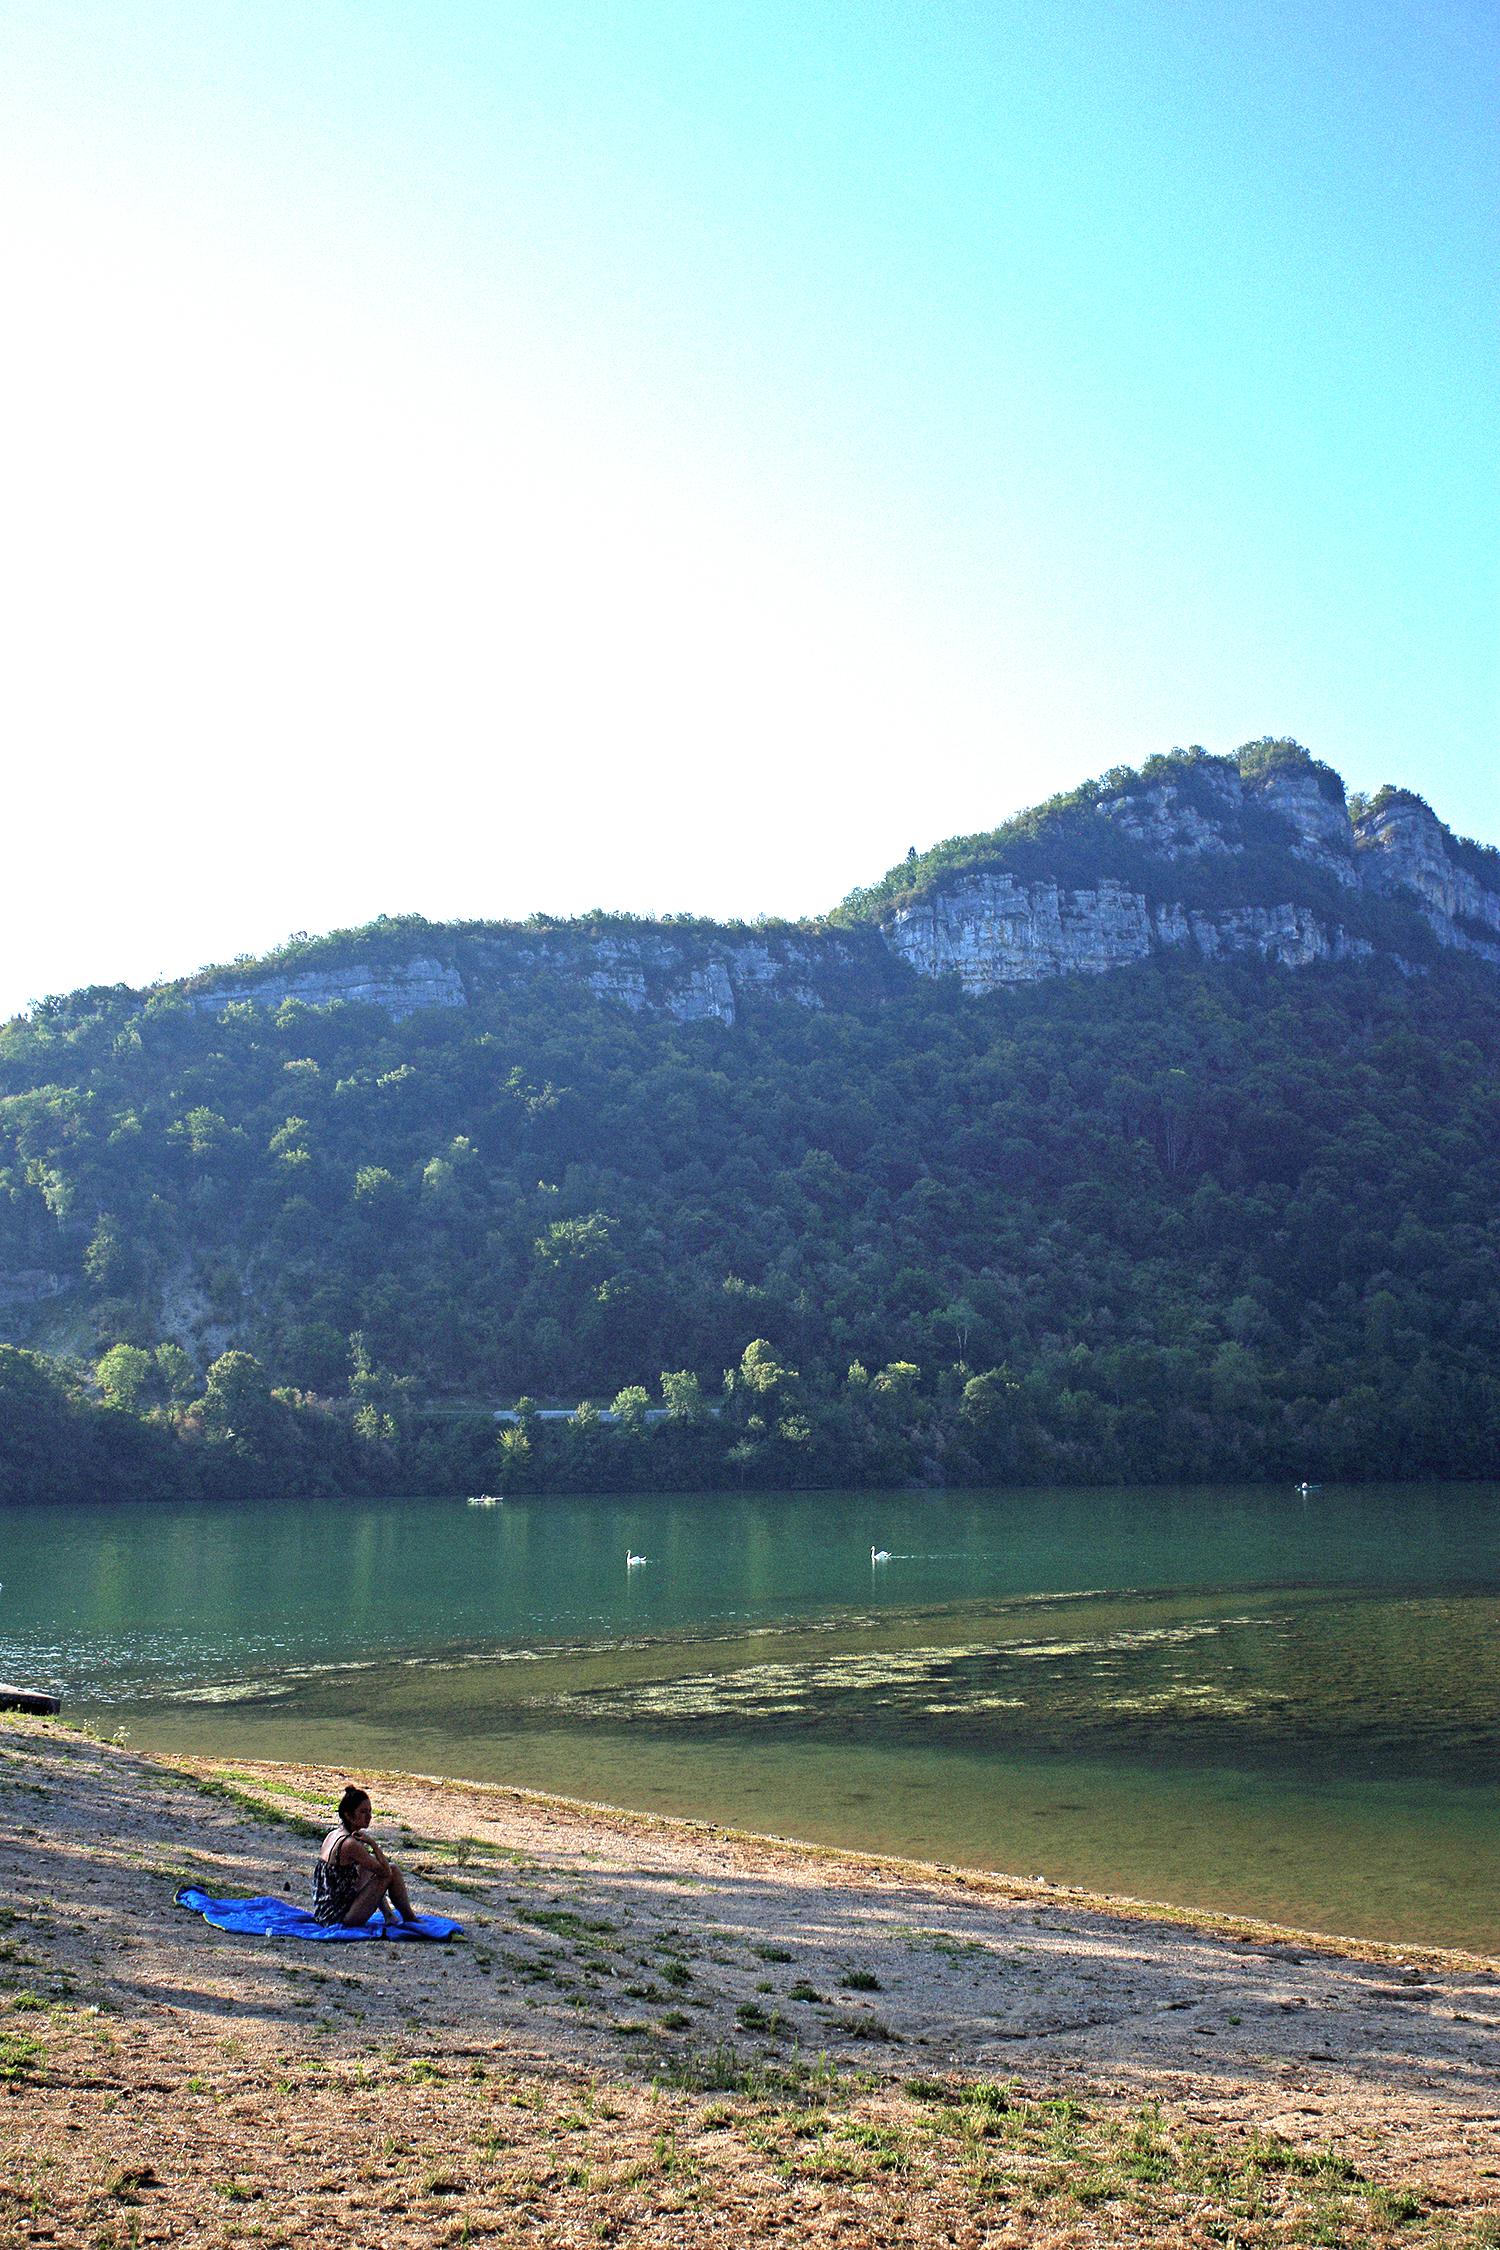 Lac-vouglans-050818-blog-10